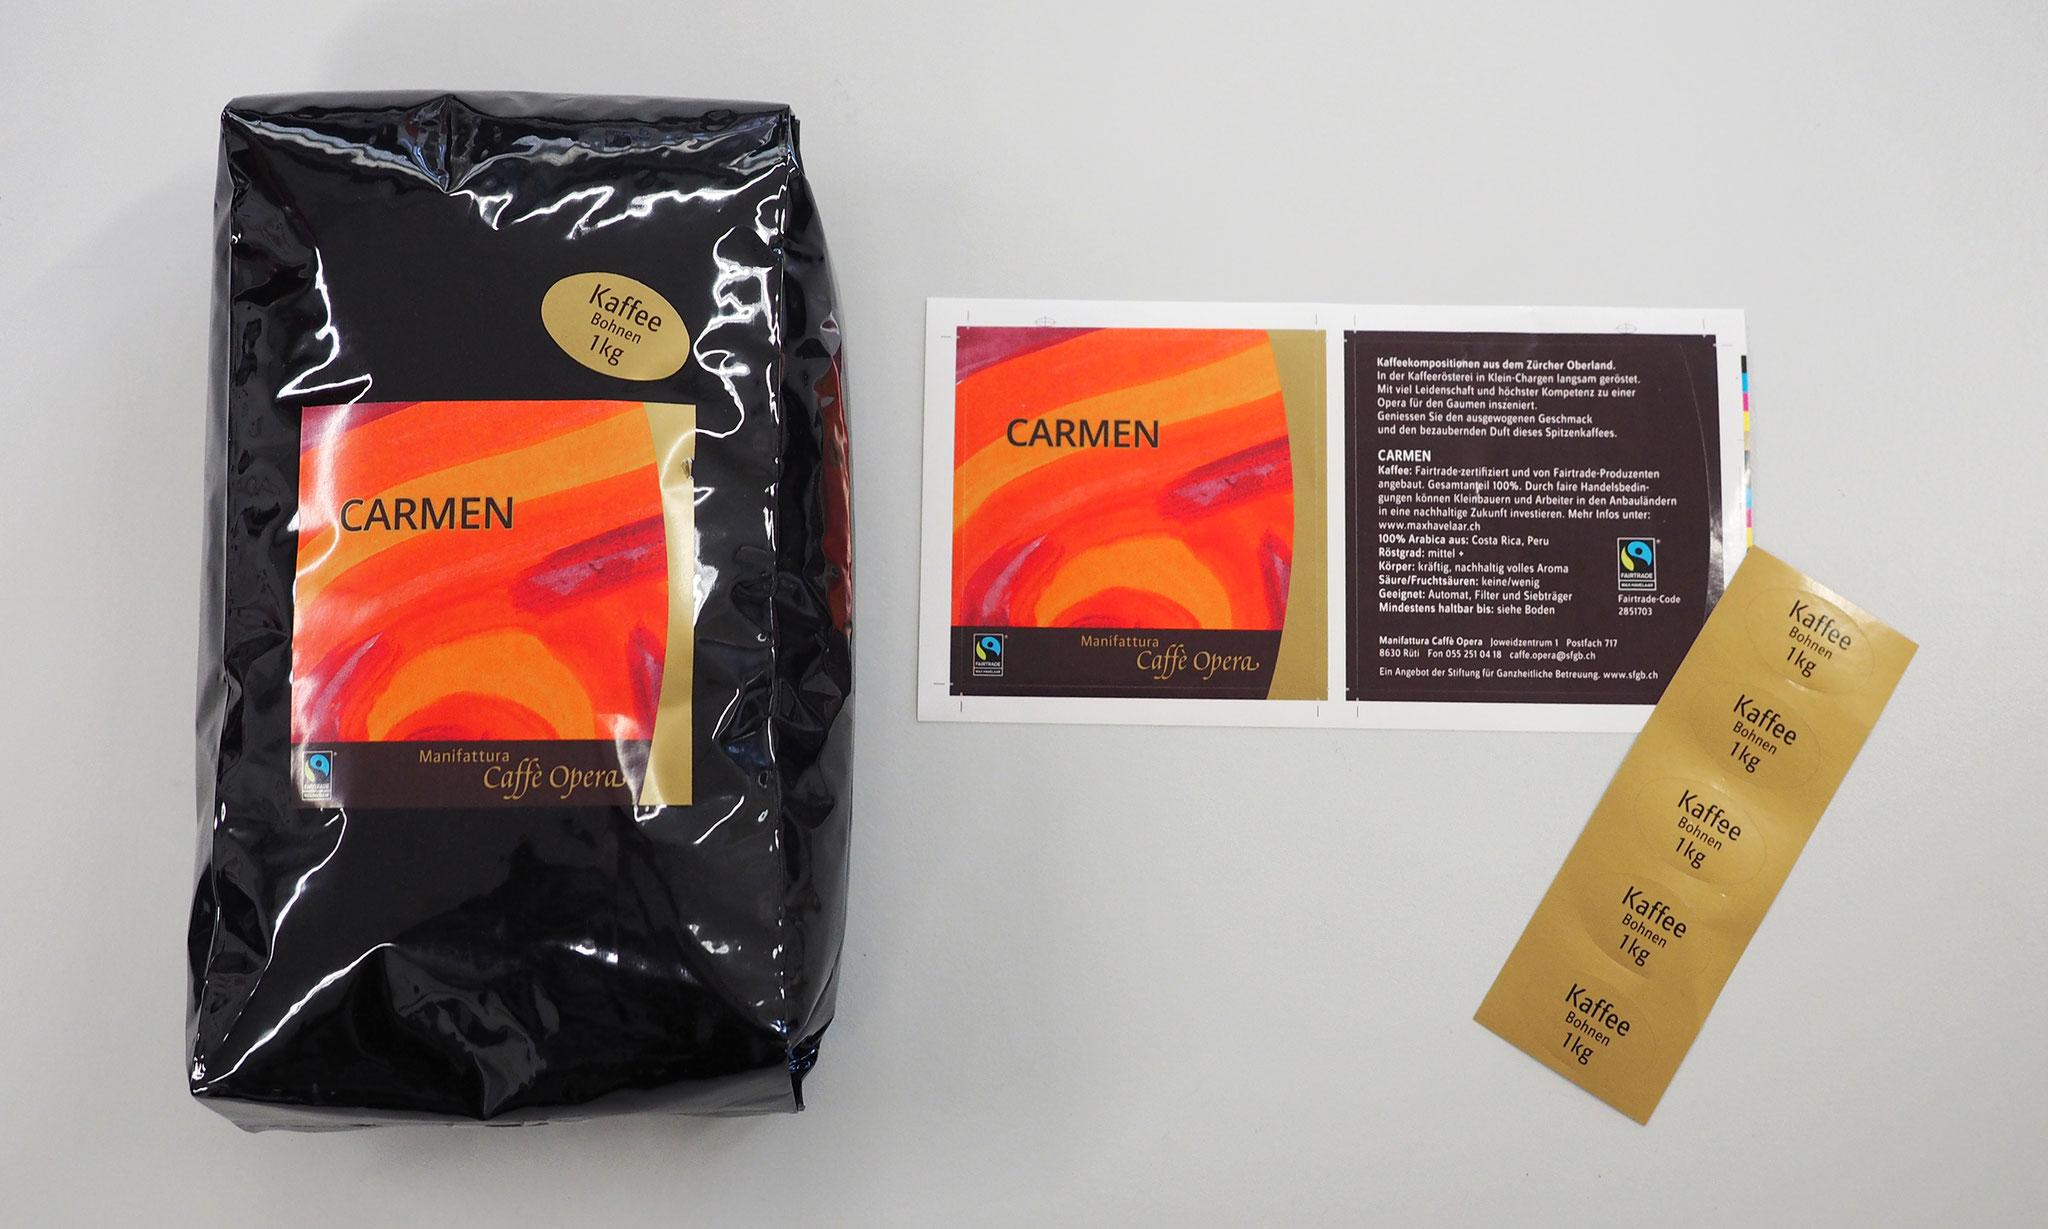 selbstklebende Etiketten, z.B. für Verpackungen